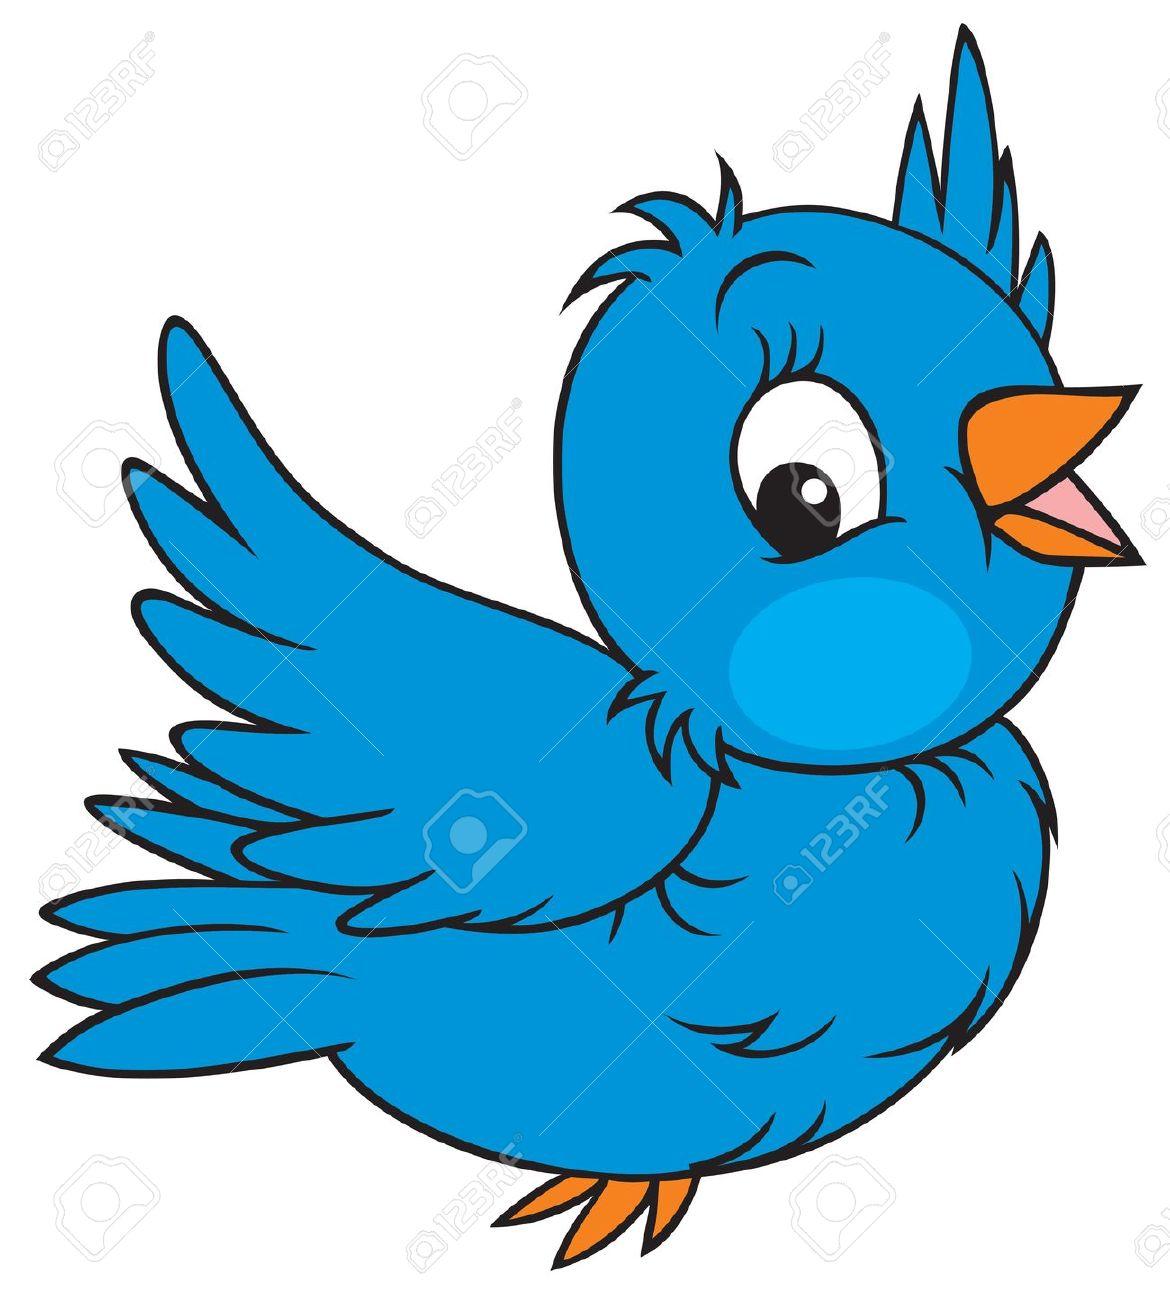 1170x1300 Birds Nest With Birds Clip Art 6994063